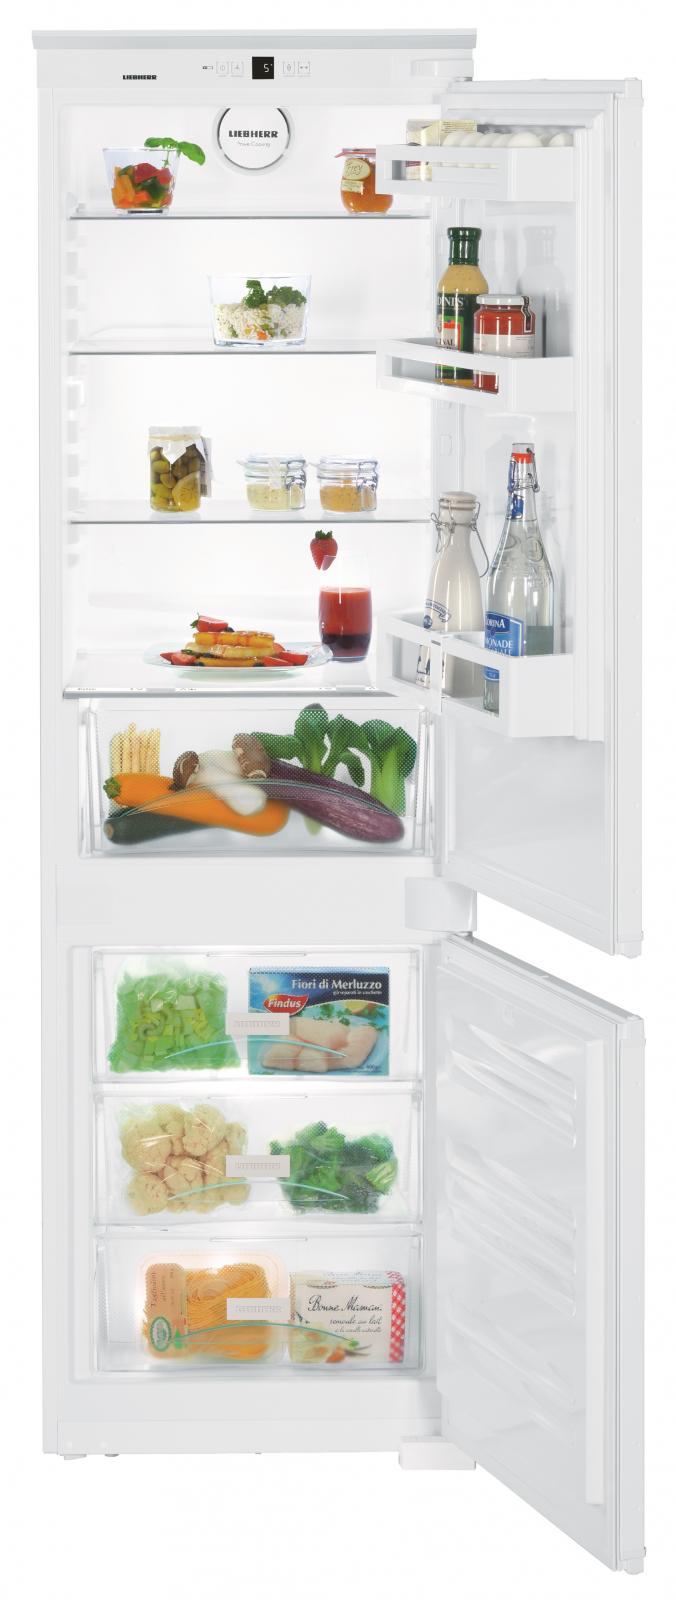 купить Встраиваемый двухкамерный холодильник Liebherr ICUS 3324 Украина фото 0